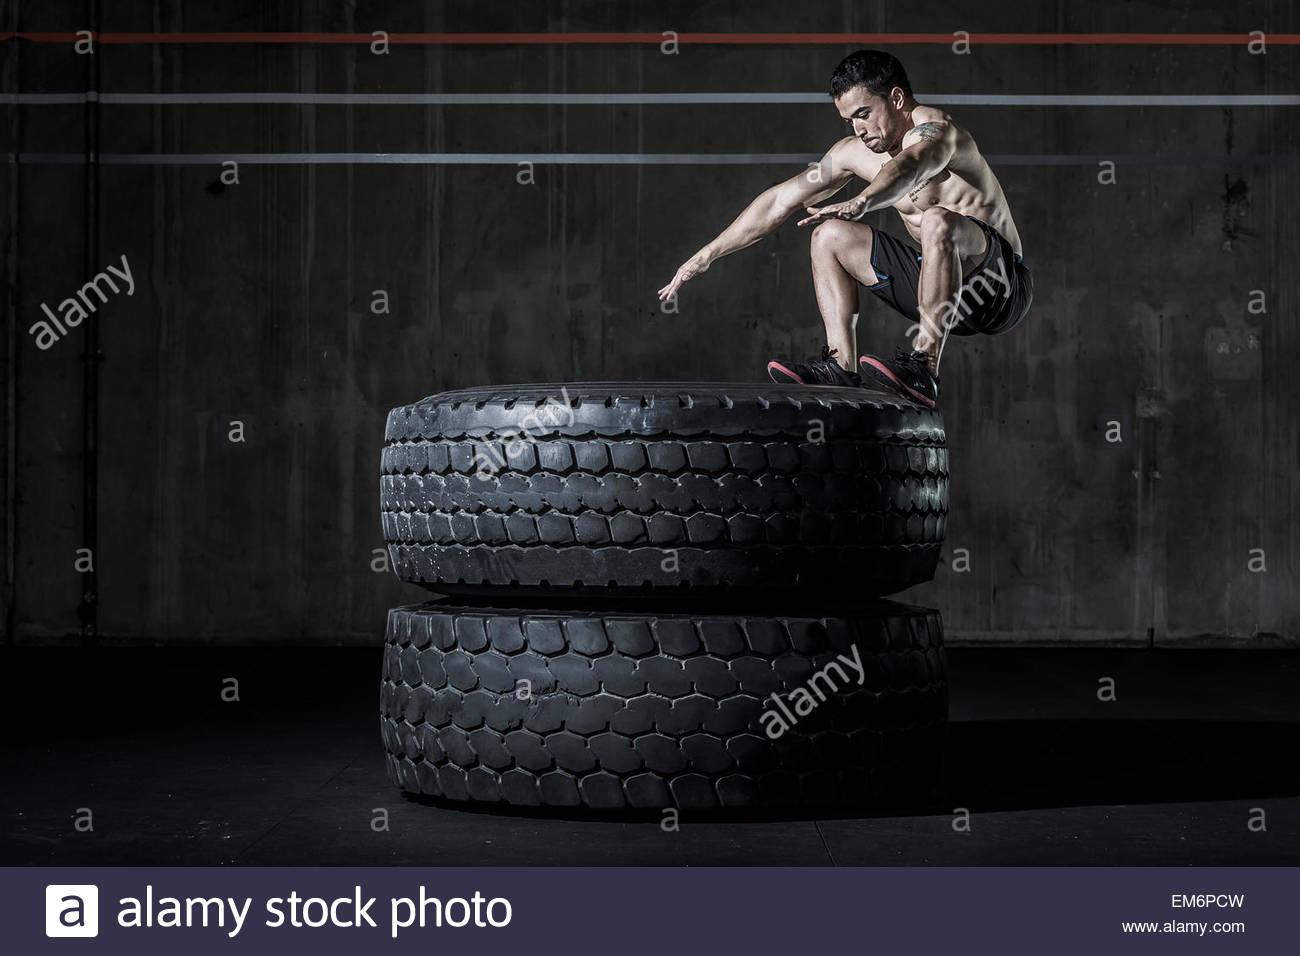 Un maschio shirtless weightlifter e atleta CrossFit eseguendo una scatola saltare sui due pneumatici in una palestra Immagini Stock